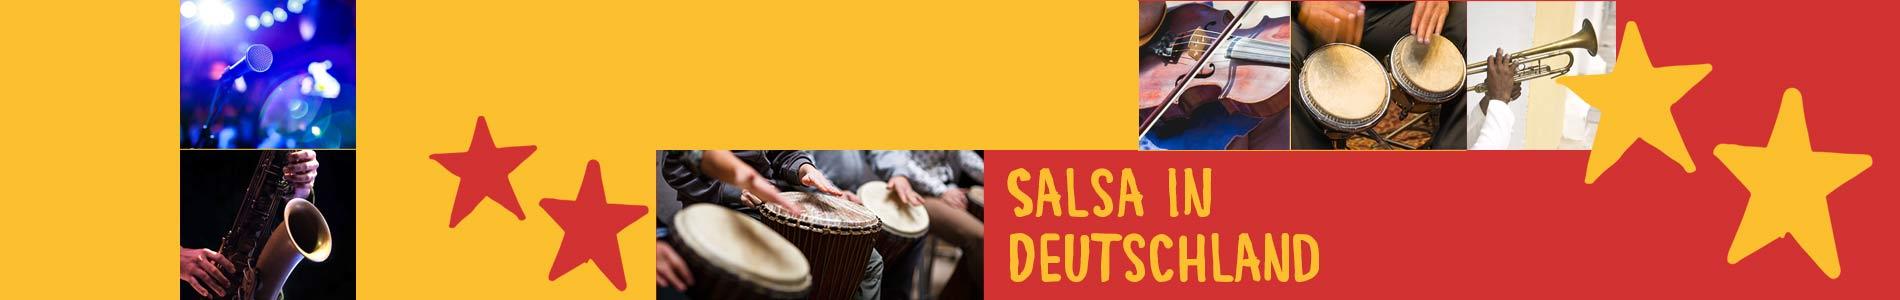 Salsa in Chamerau – Salsa lernen und tanzen, Tanzkurse, Partys, Veranstaltungen